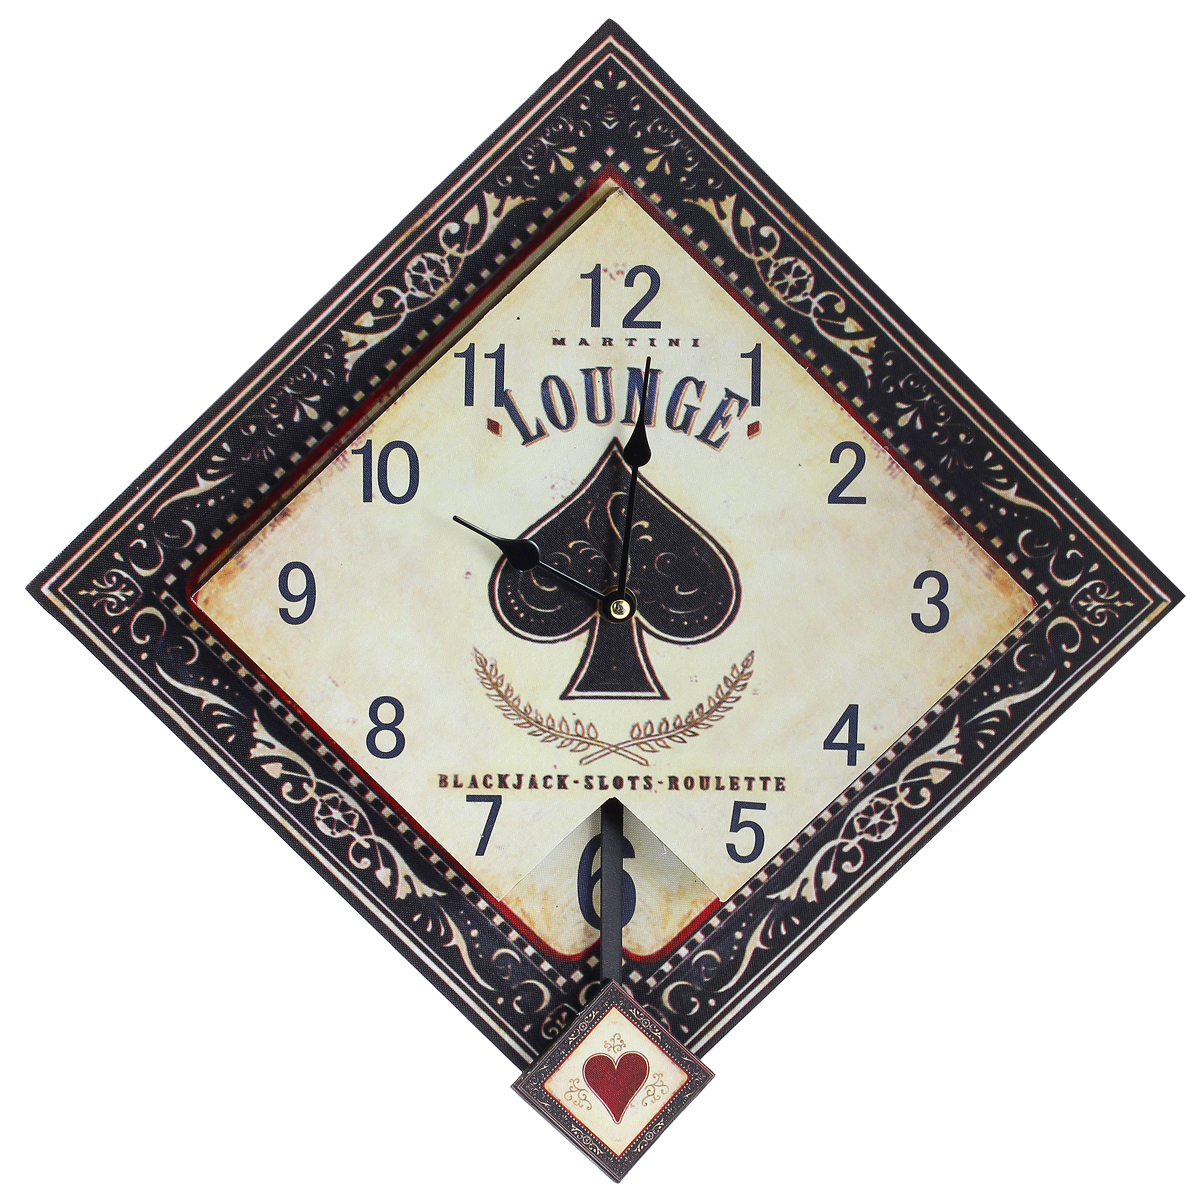 Часы настенные Black Jack, кварцевые, с маятником. 30378RG-D31SНастенные кварцевые часы Black Jack изготовлены из МДФ. Часы имеют форму ромба. Корпус оформлен узорами и изображением карточных мастей. Тип индикации - арабские цифры. Часы имеют две стрелки - часовую и минутную. Часы оснащены маятником. С задней стороны имеется отверстие для подвешивания на стену. Изящные часы красиво и оригинально оформят интерьер дома или офиса.Часы работают от одной батарейки типа АА (в комплект не входит).Размер часов (ДхШхВ) (без учета маятника): 42 см х 42 см х 4 см.Размер циферблата: 30 см х 30 см.Внимание! Уважаемые клиенты, обращаем ваше внимание на тот факт, что циферблат часов не защищен стеклом!